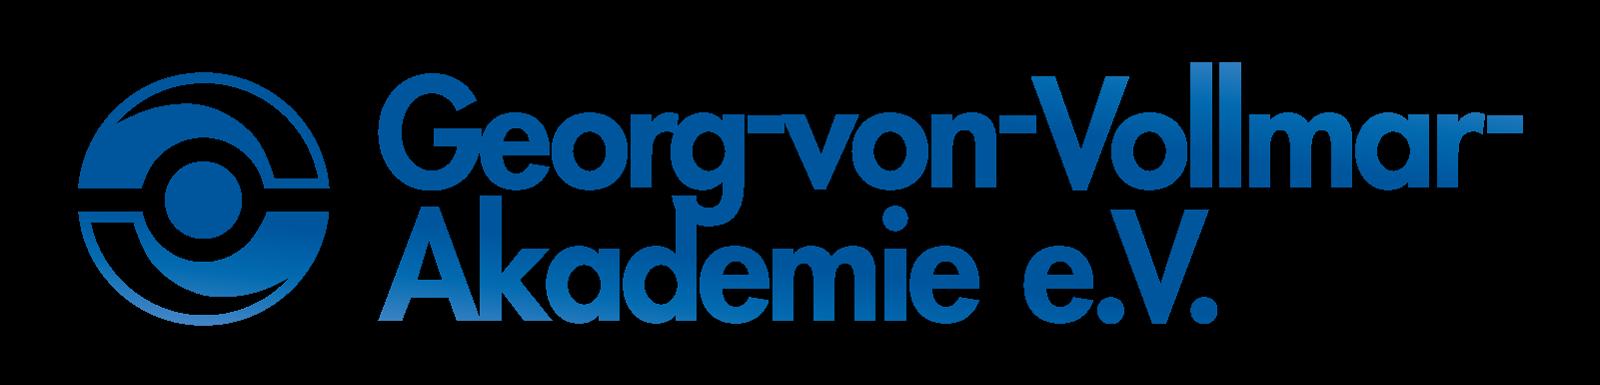 Vollmar-Akademie Logo